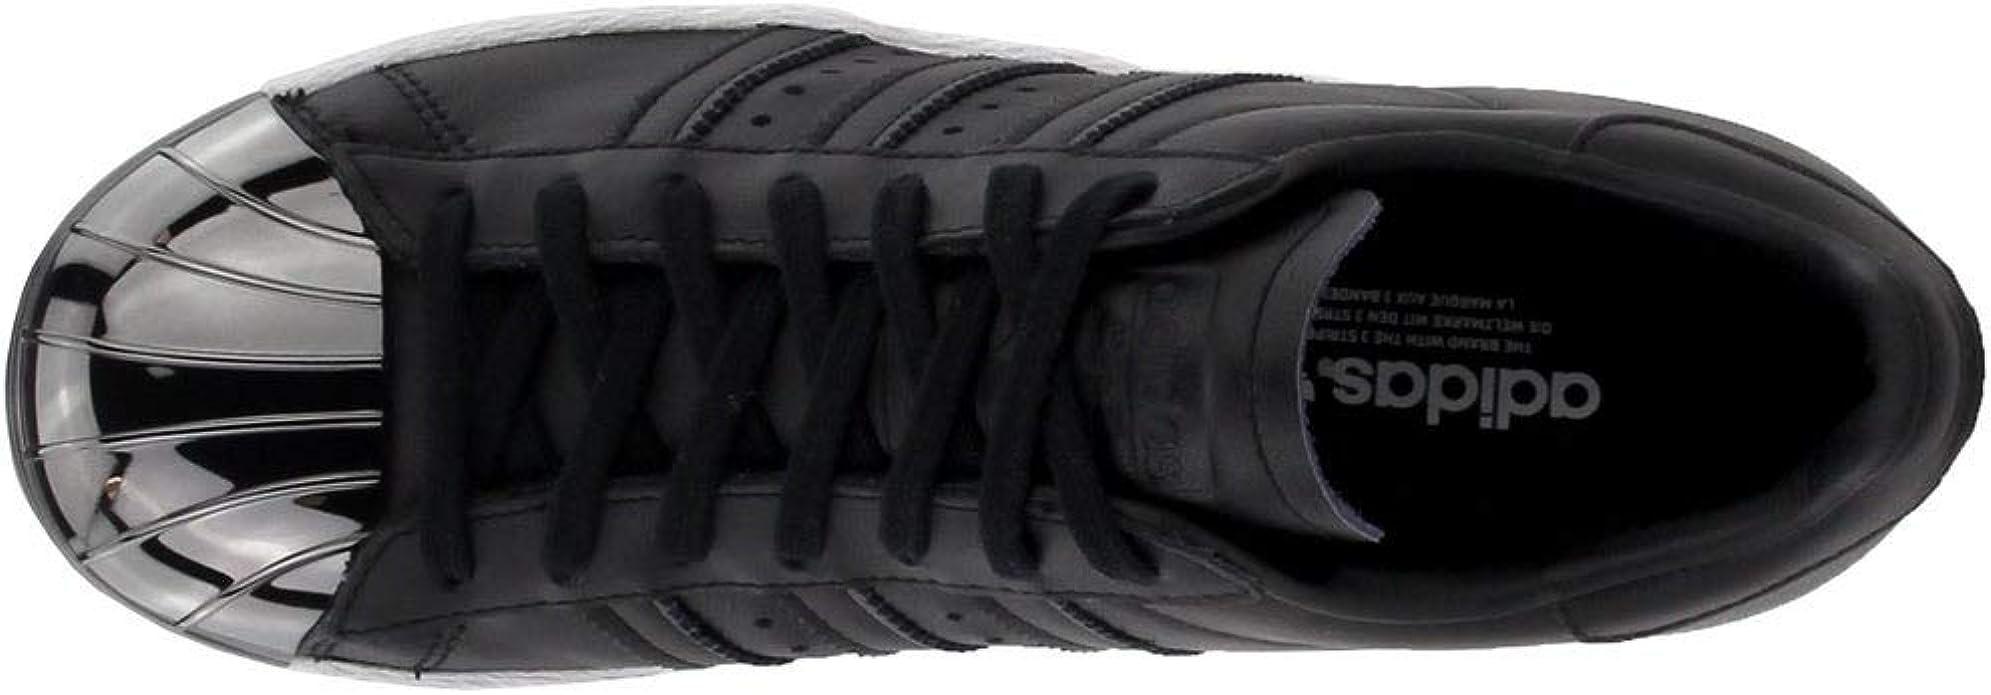 Adidas Superstar 80s - Scarpe da donna con punta in metallo, stile ...